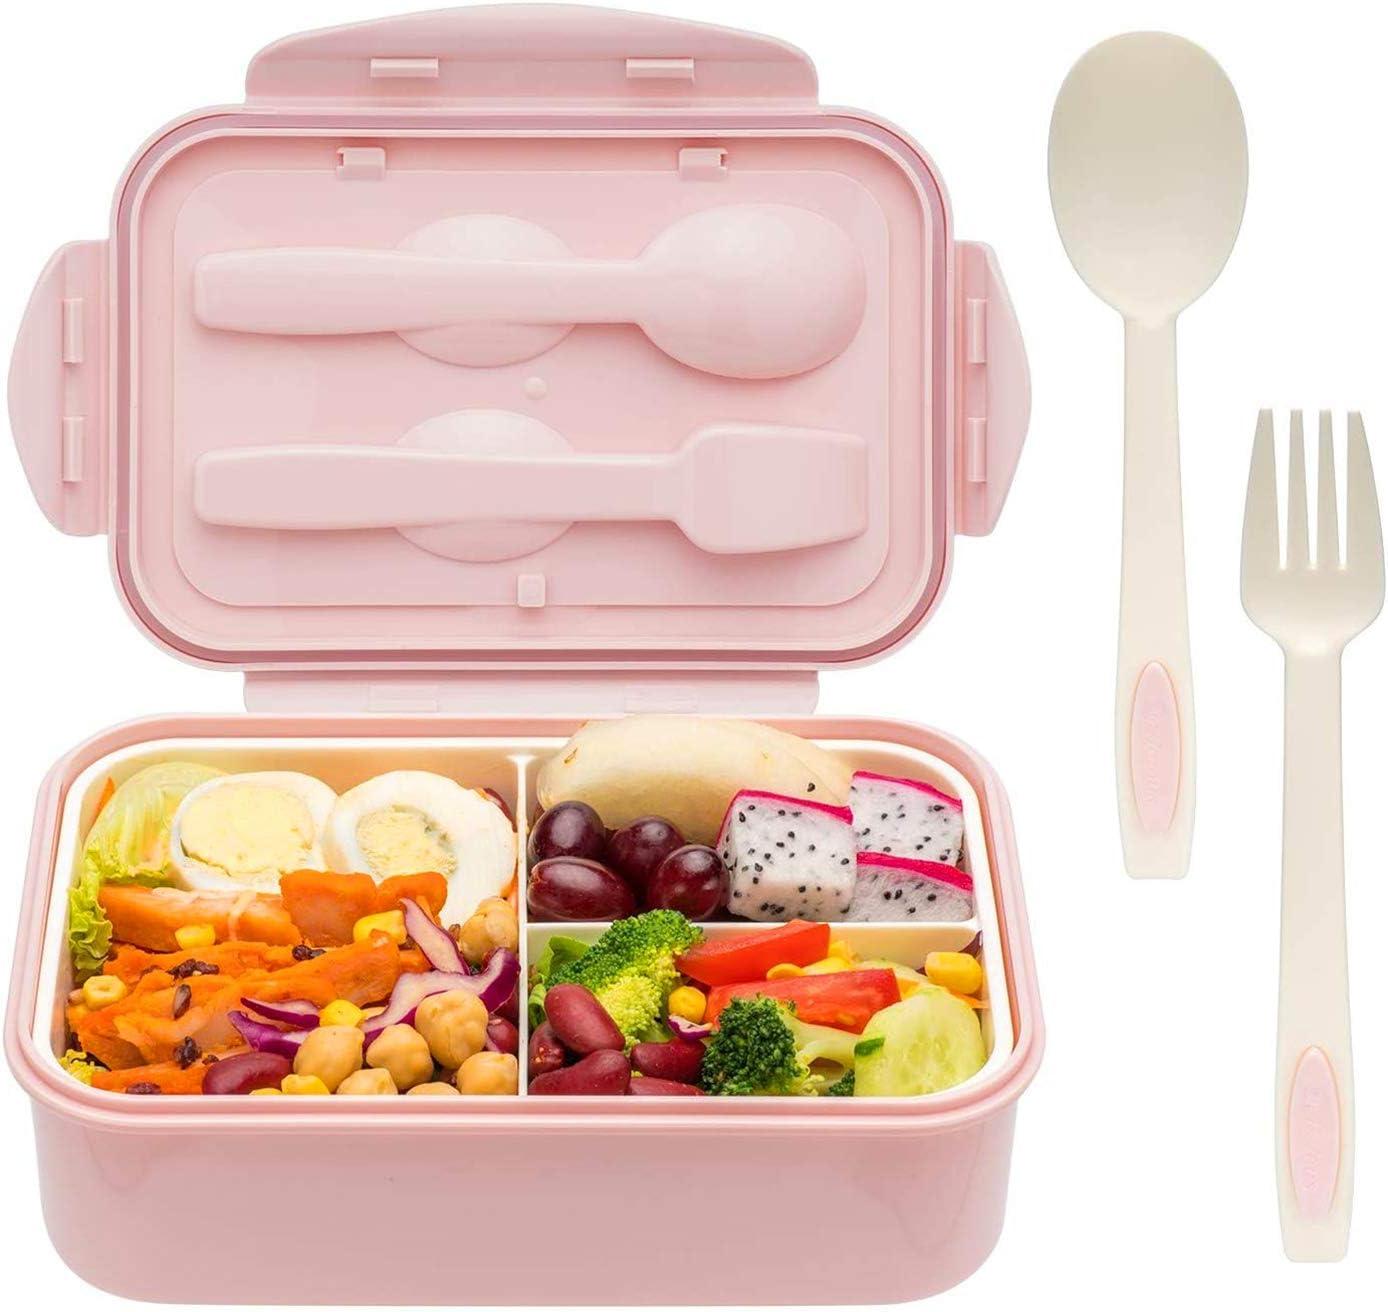 TTBAODAN Fiambrera Bento de doble capa de calidad alimentaria, fiambrera con 3 compartimentos y cubiertos, gran capacidad y caja de almuerzo altamente sellada para un picnic al aire libre [rosa]